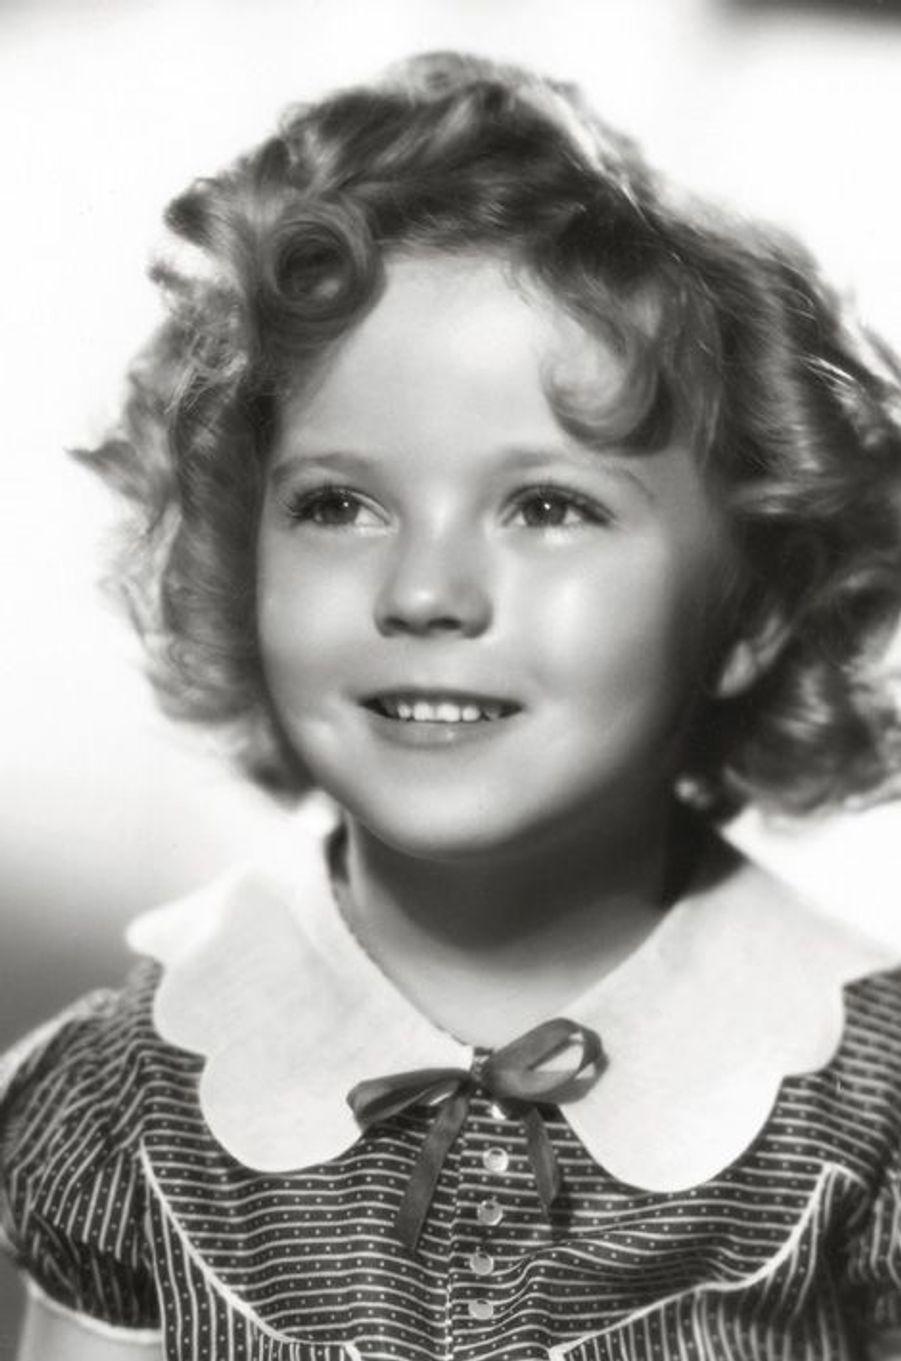 La première enfant star